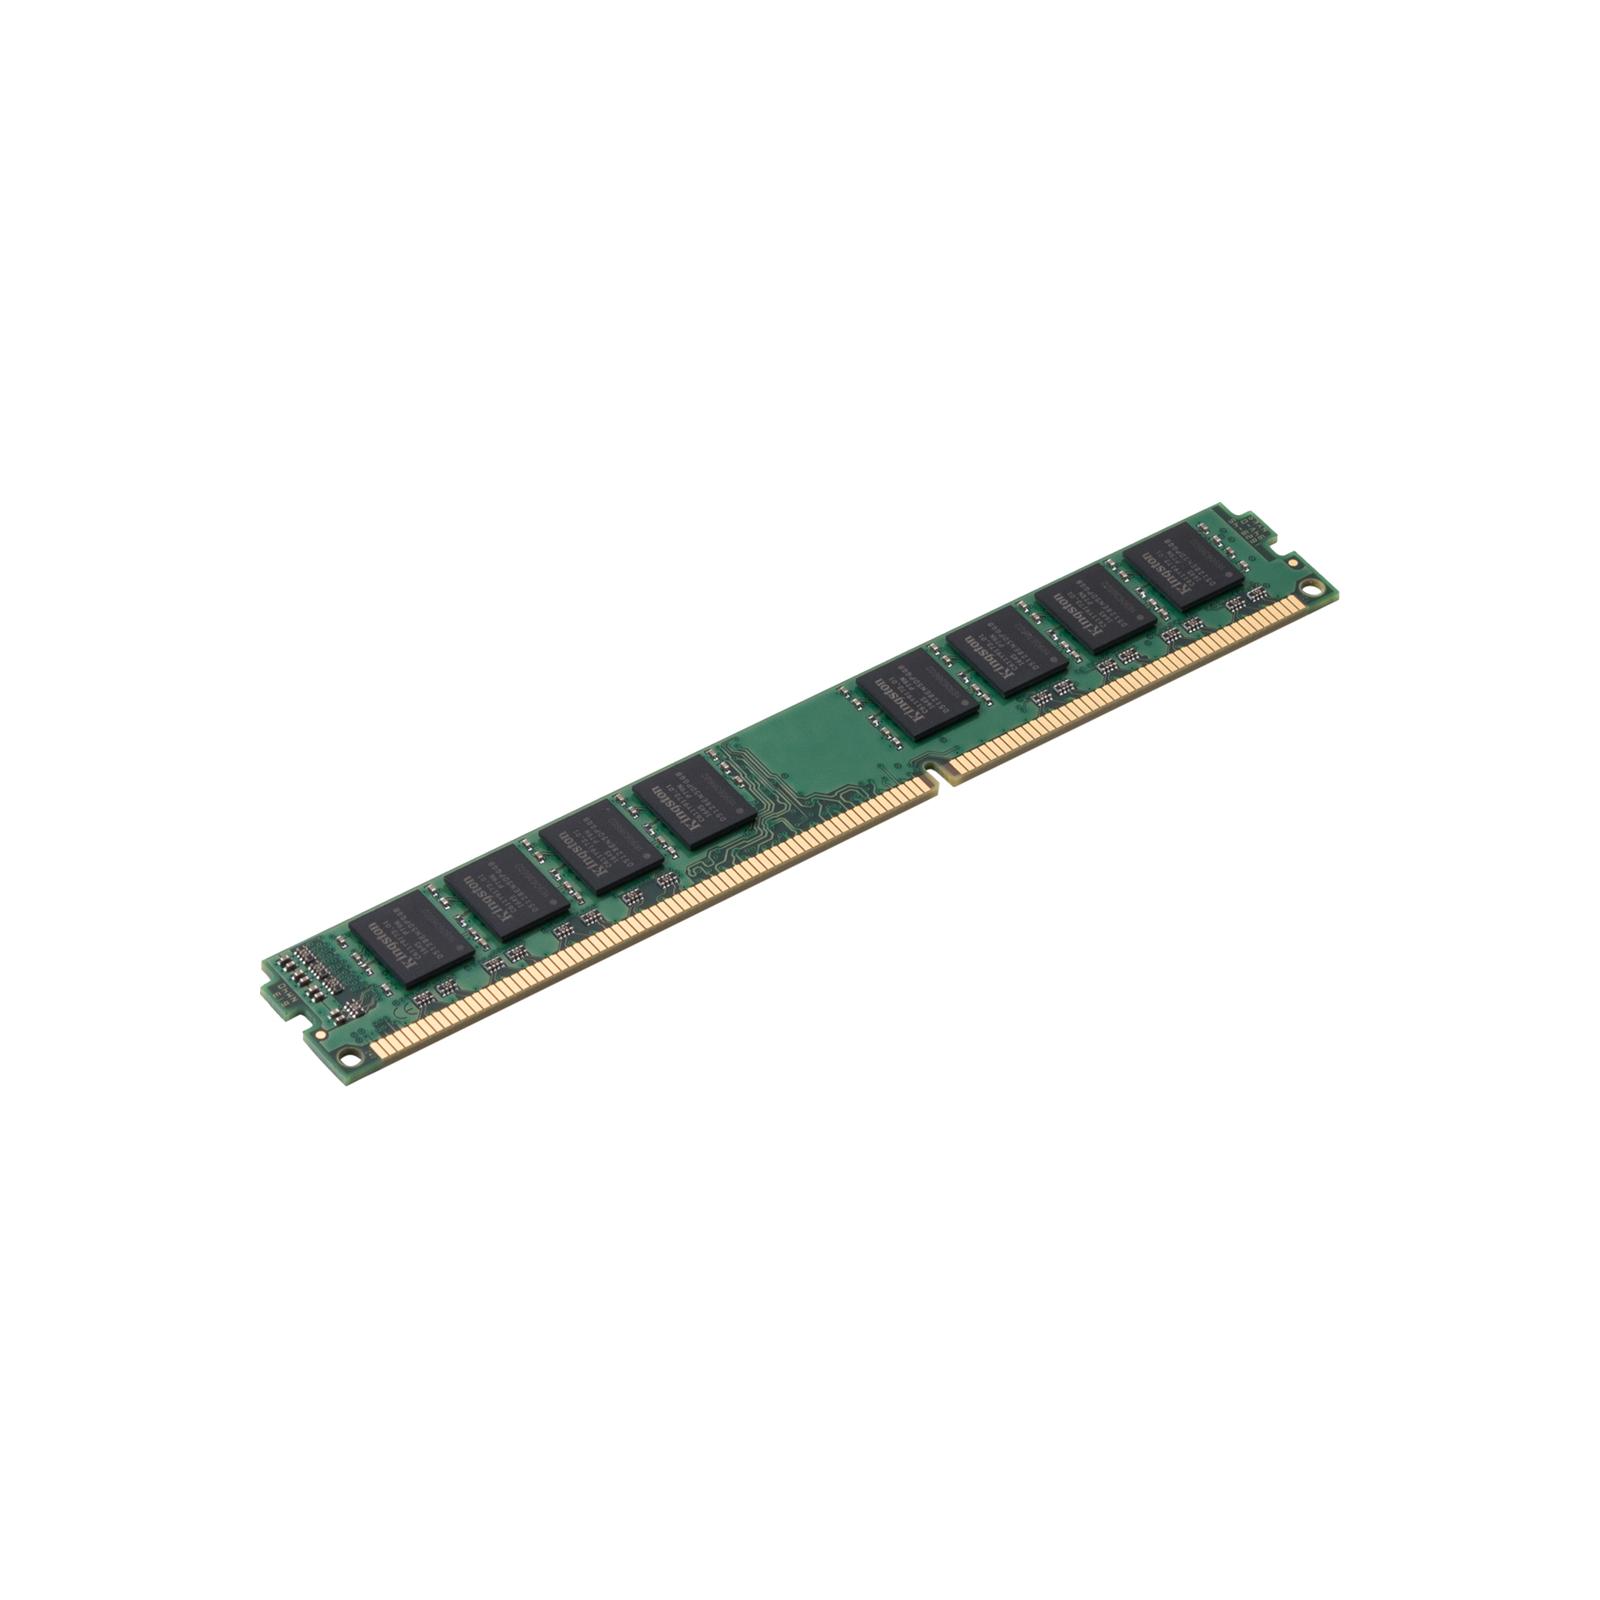 Модуль памяти для компьютера DDR3 8GB 1600 MHz Kingston (KVR16N11/8) изображение 2